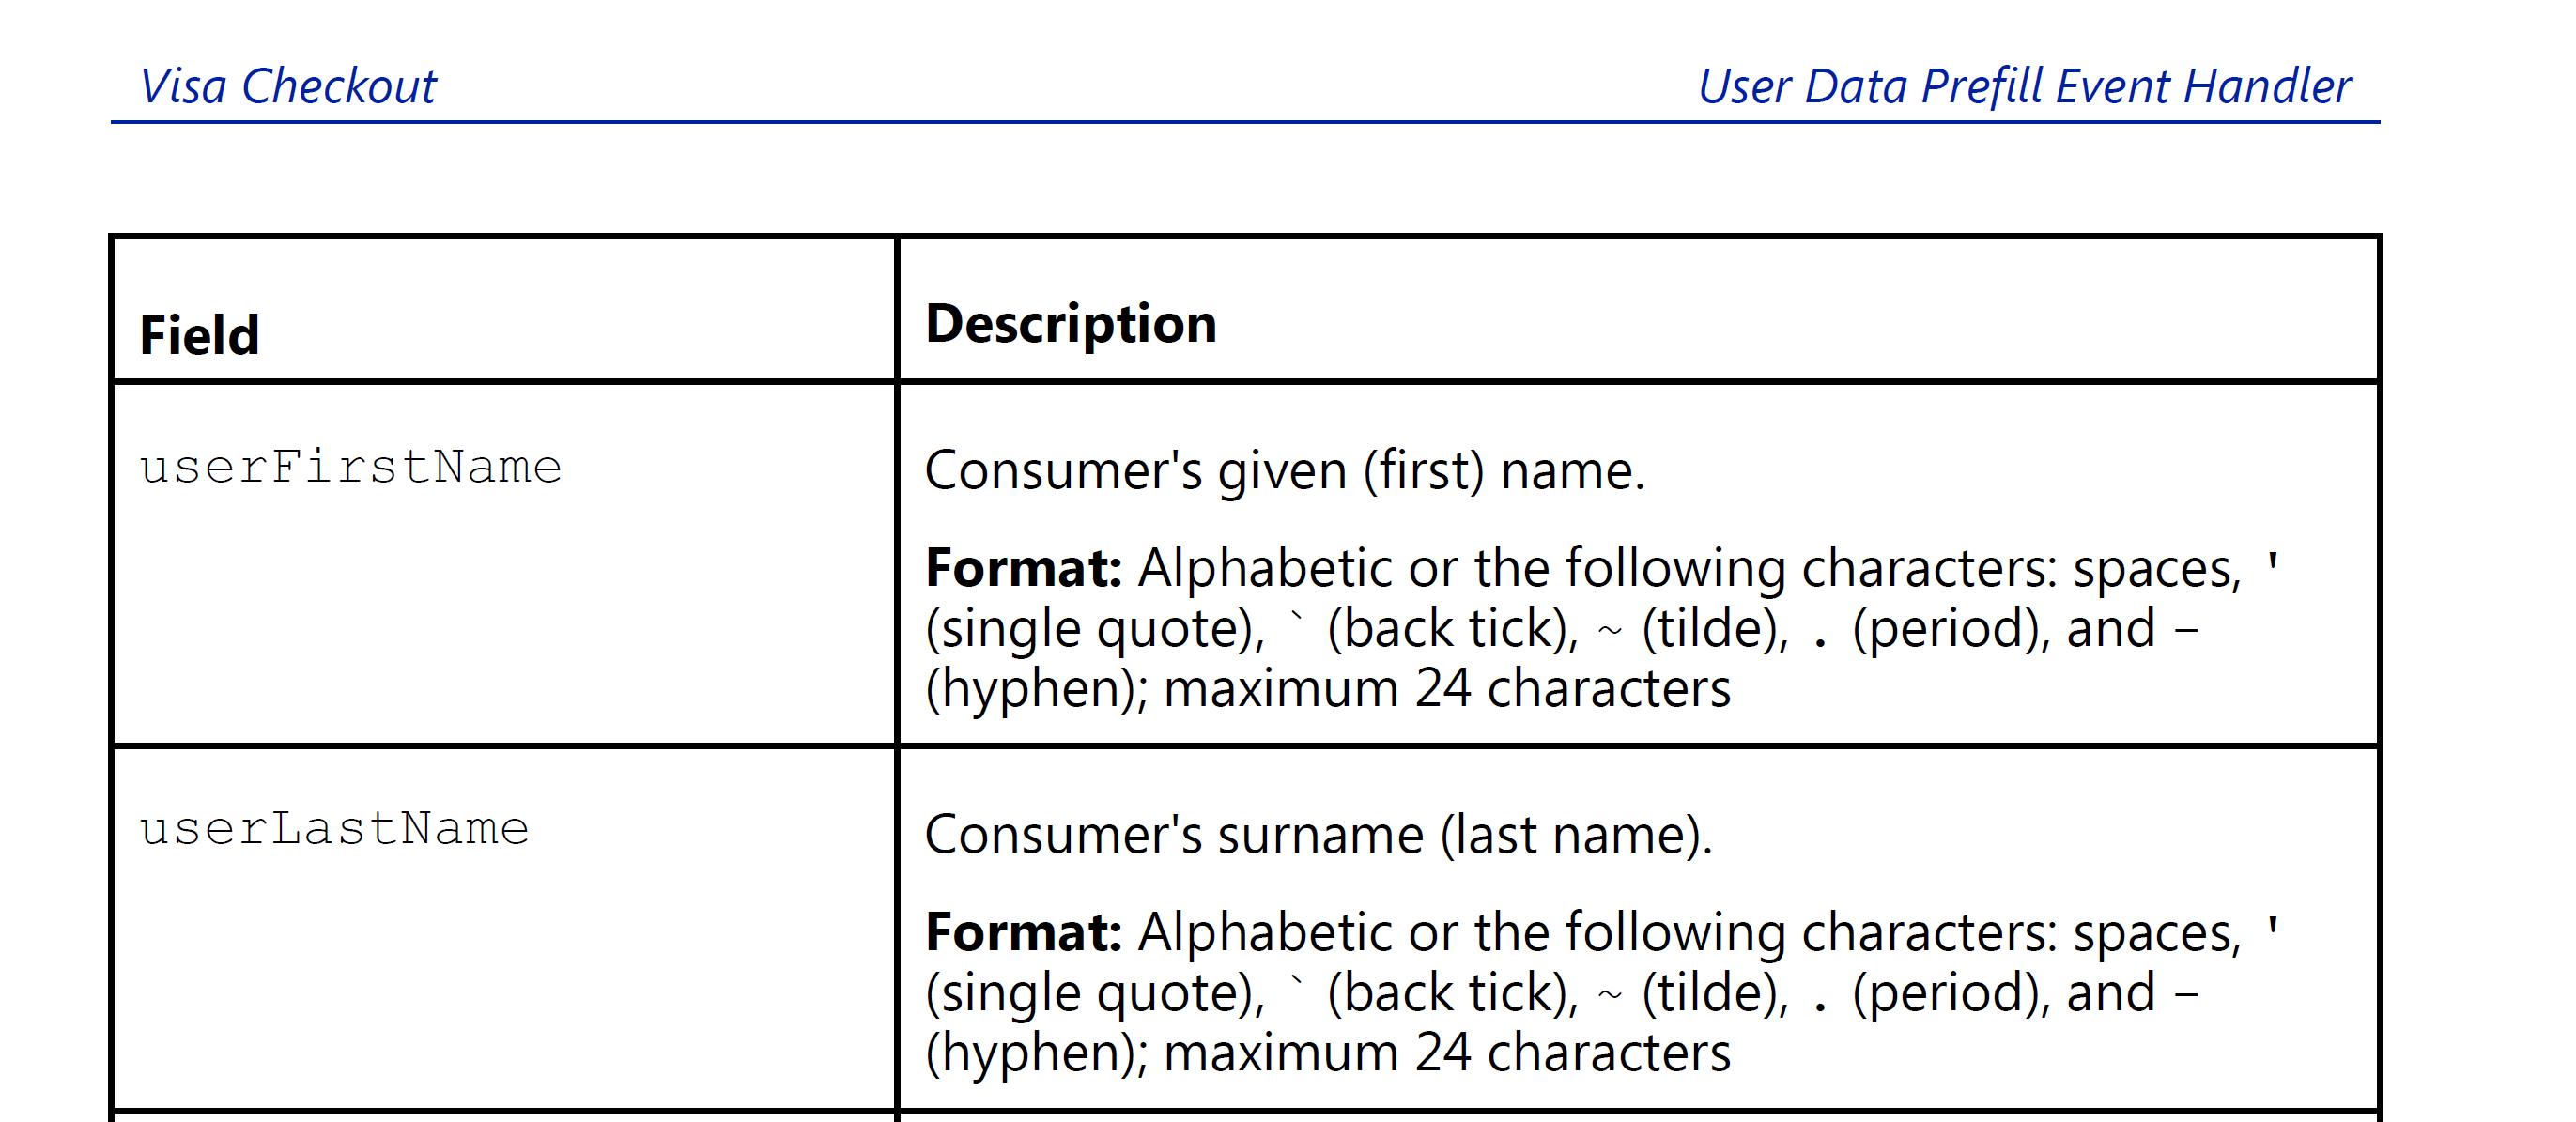 Solved: Credit card name validation - Visa Developer Community